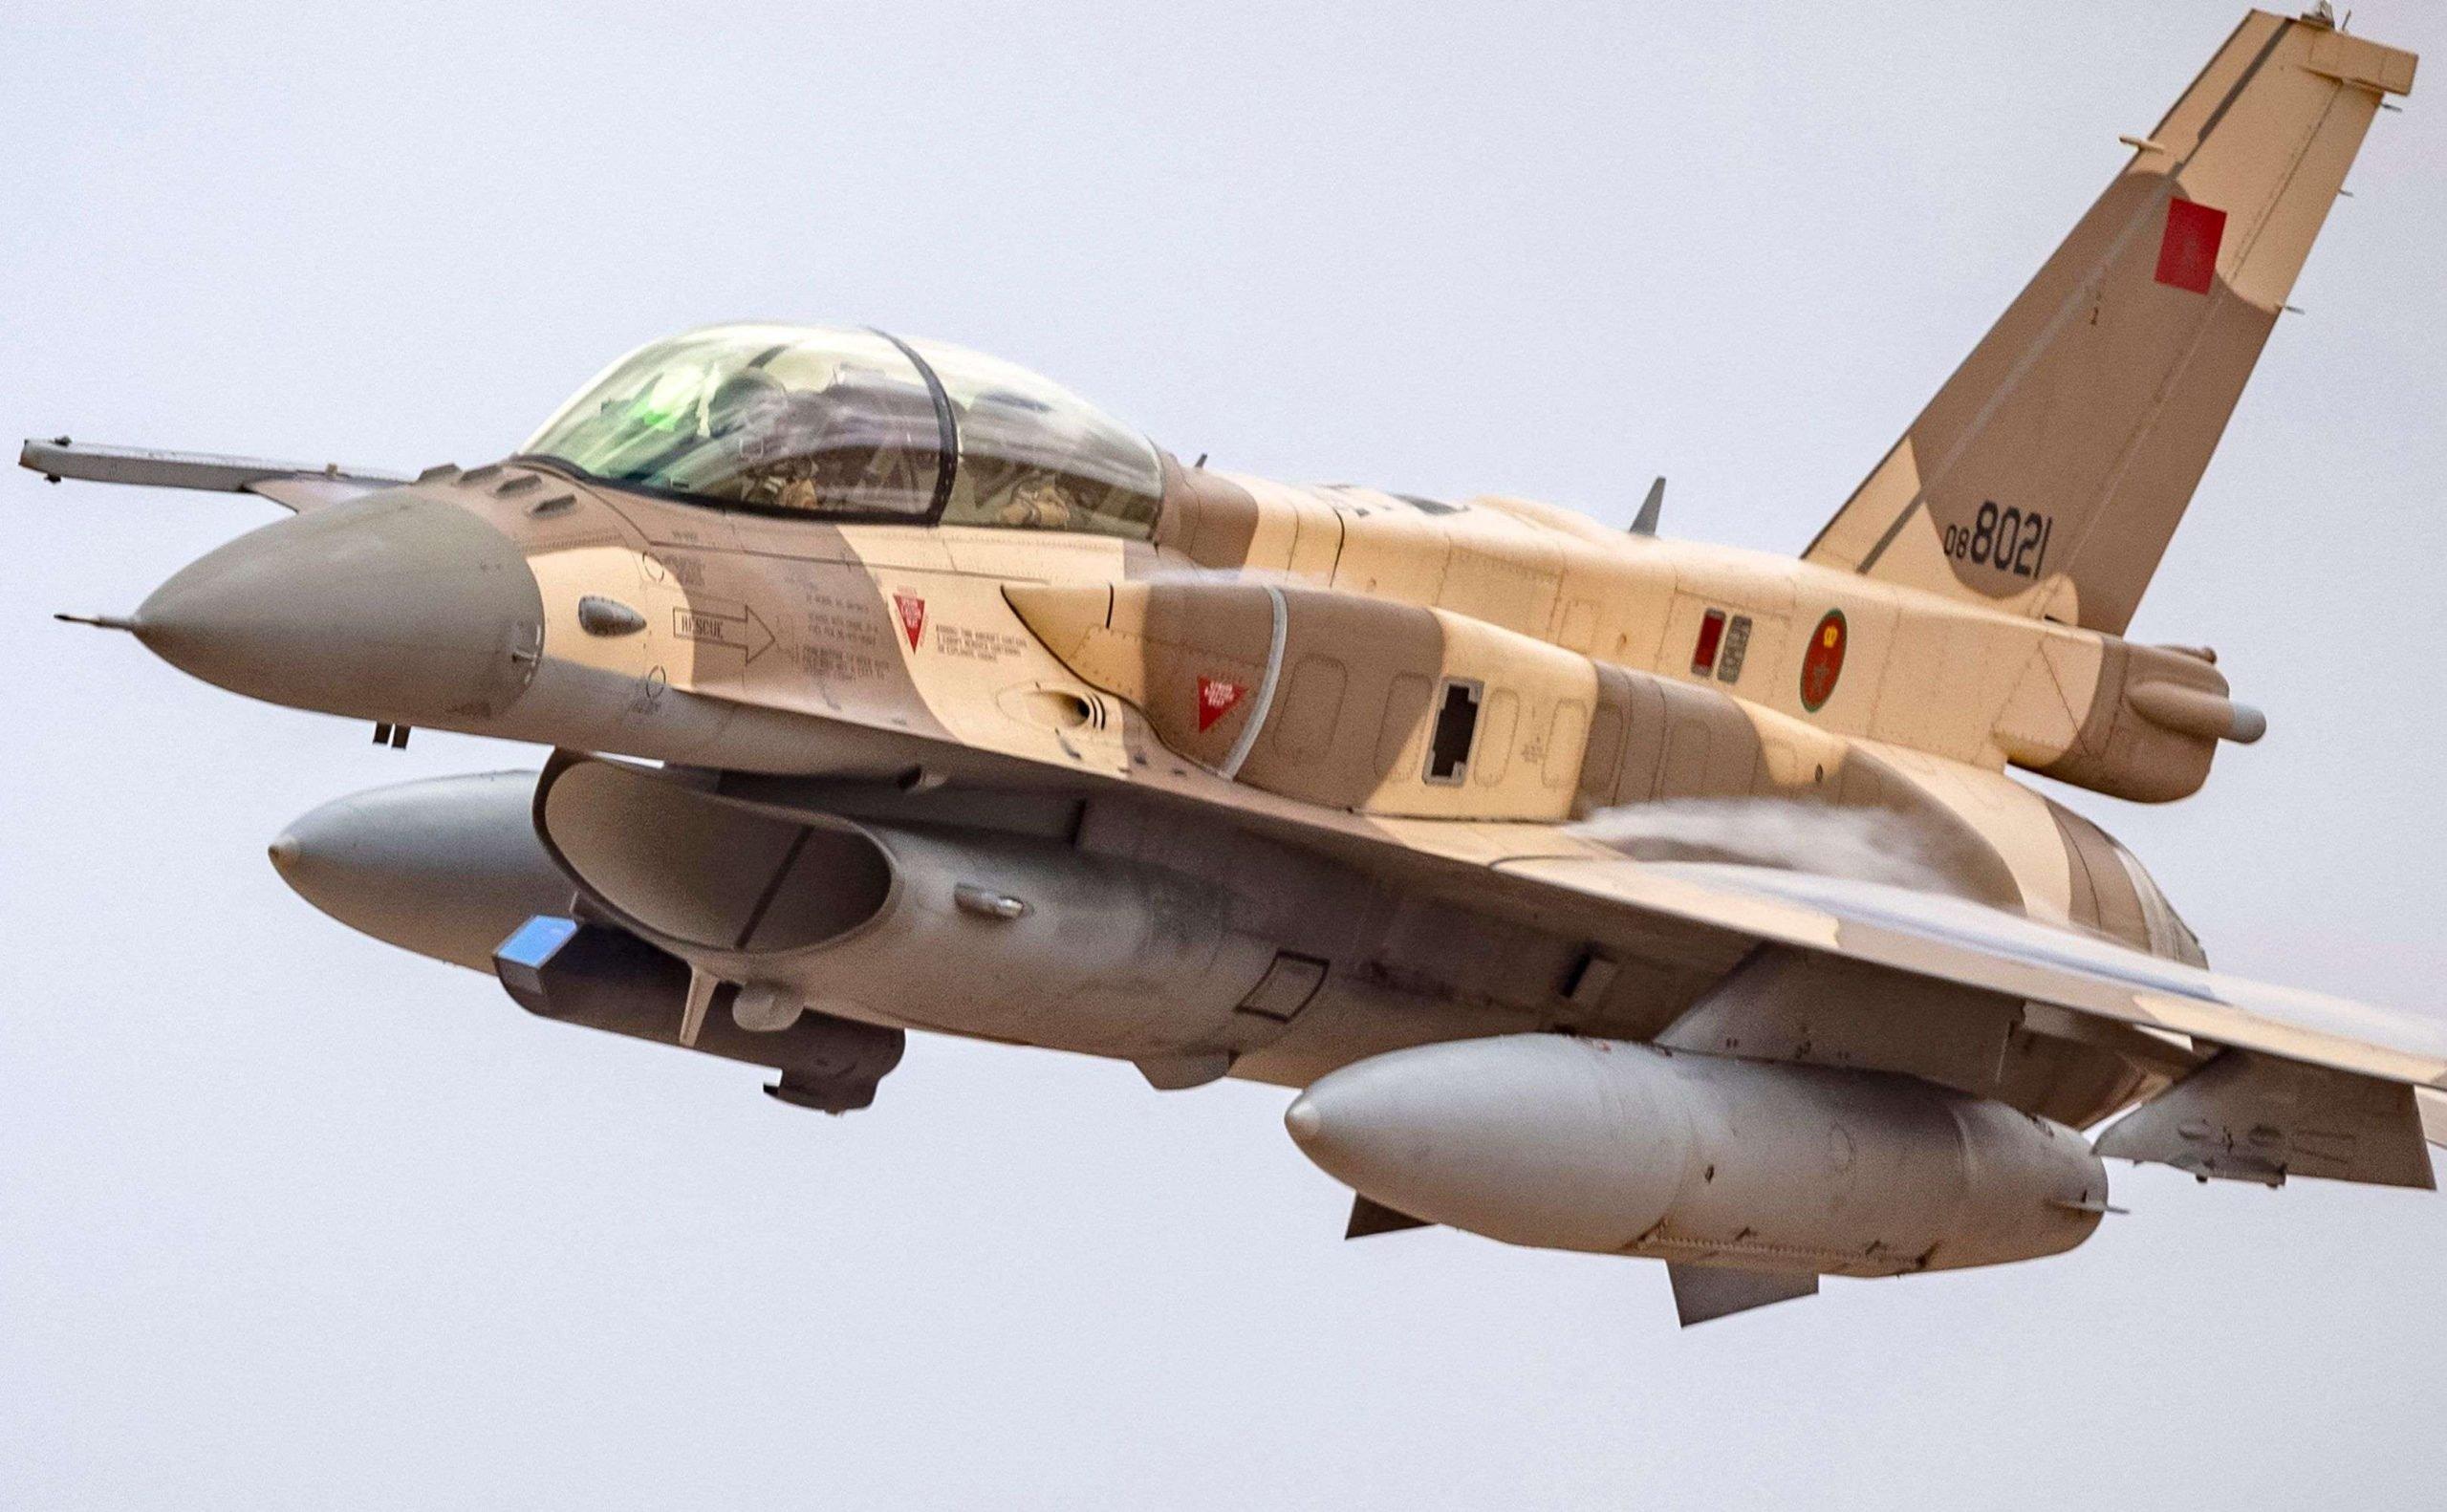 إسرائيل تخـ.ـشى التغـ.ـول العسكري الروسي في سوريا.. وهذا ما ستفعله!